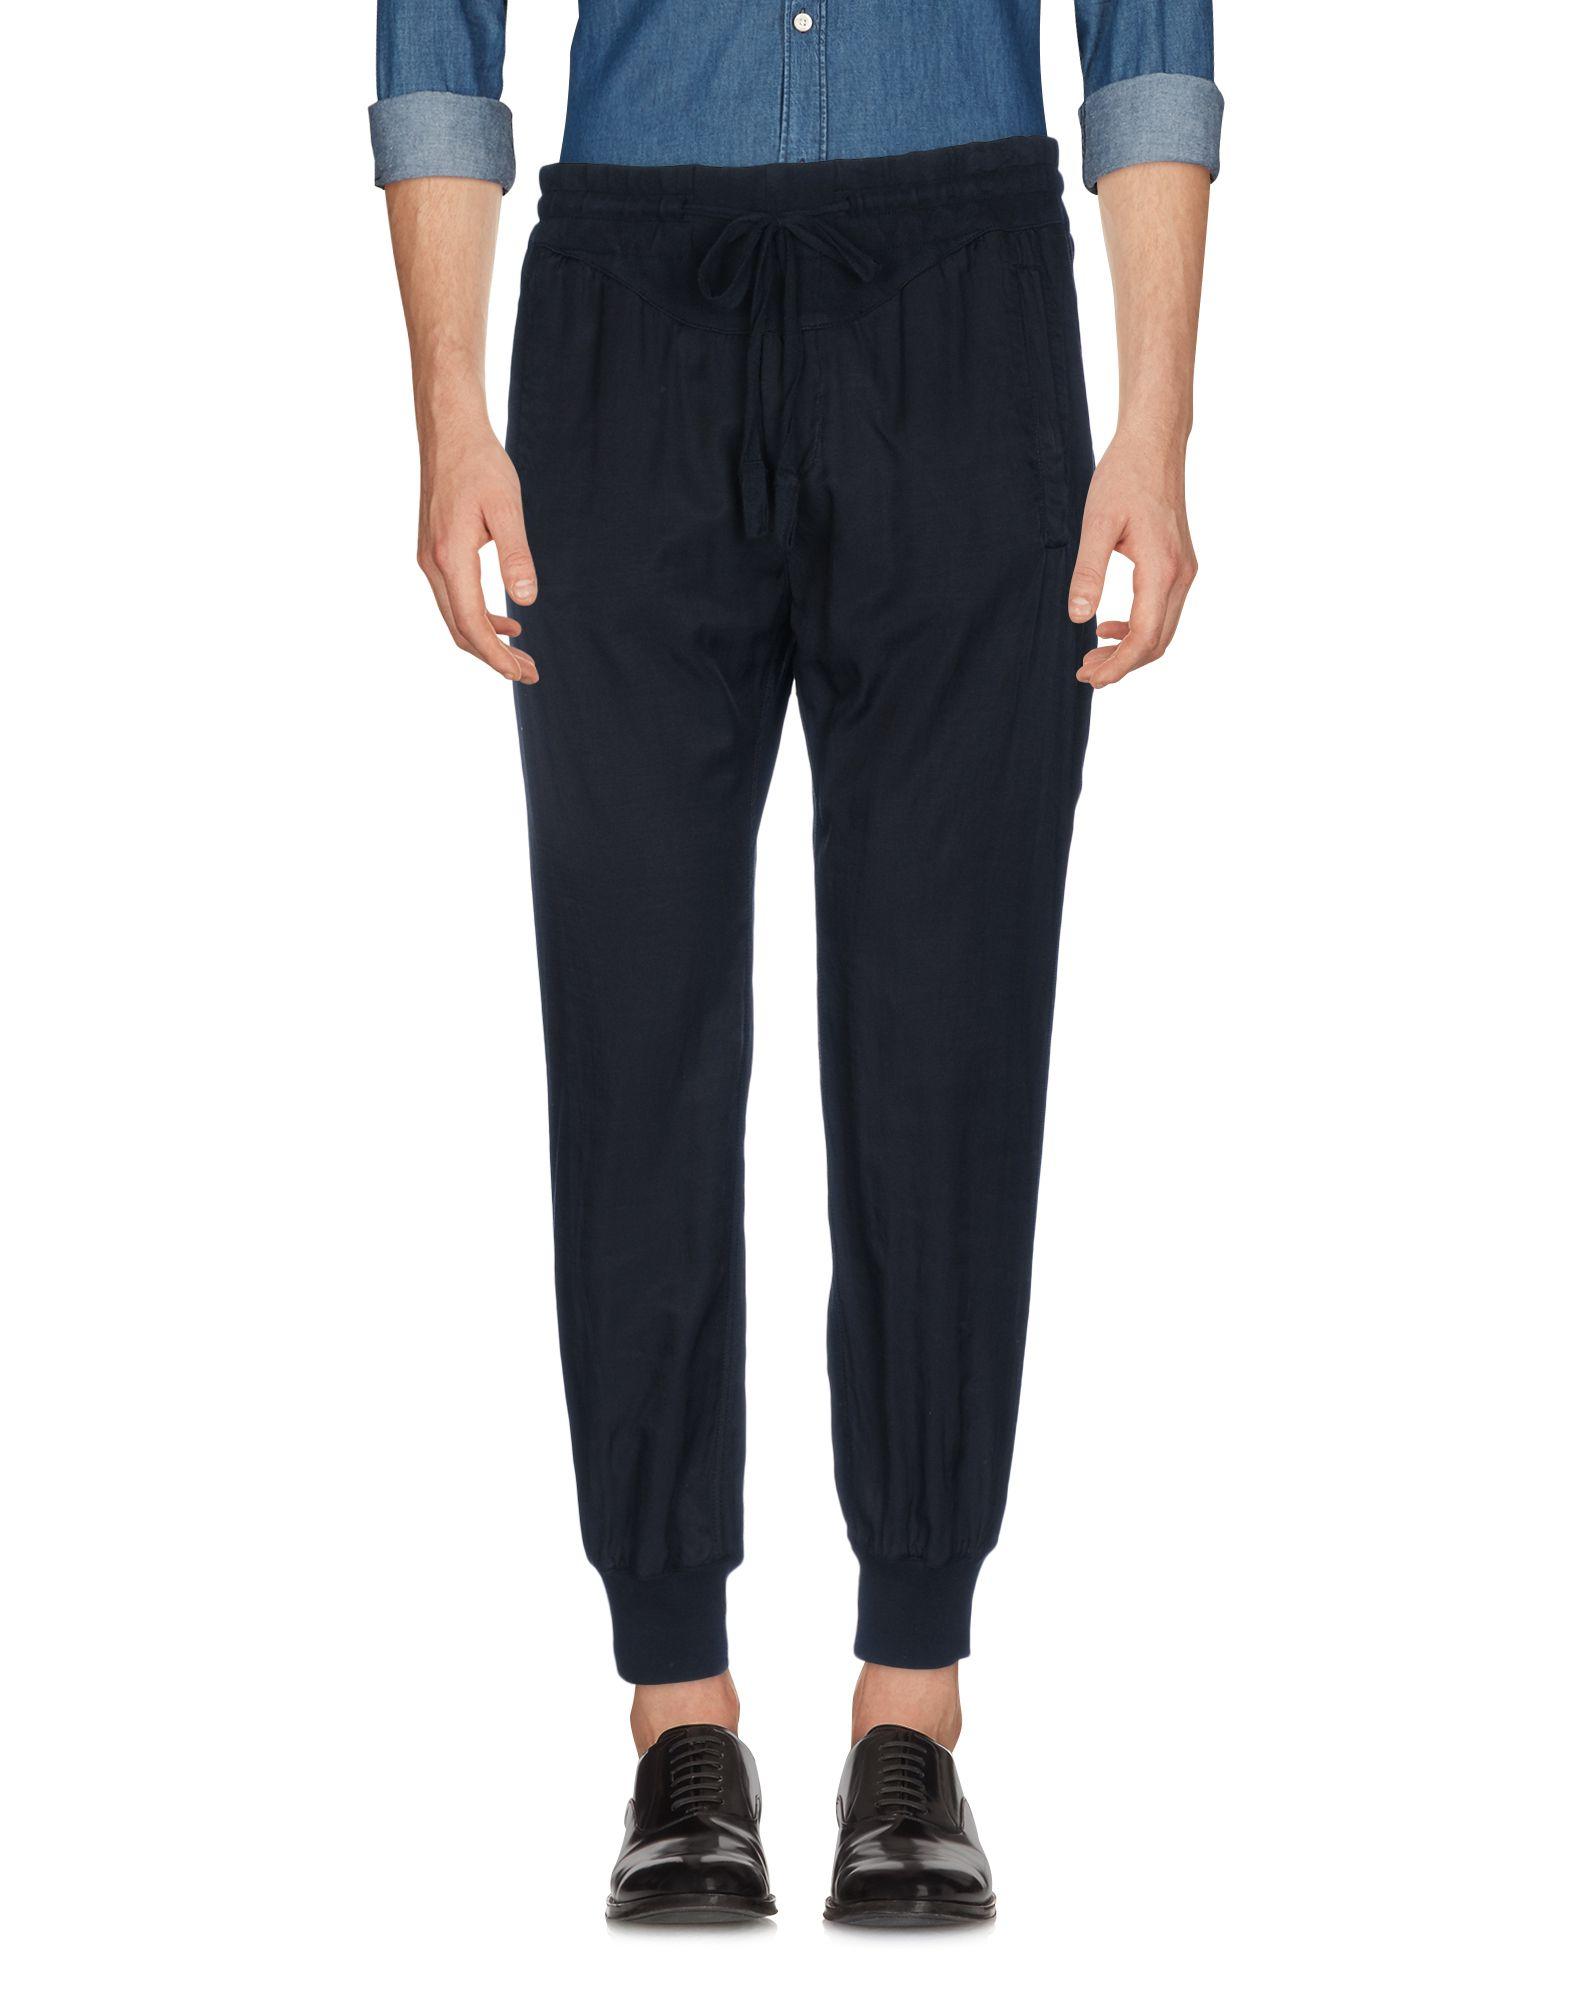 Pantalone Haider Ackermann Uomo - Acquista online su